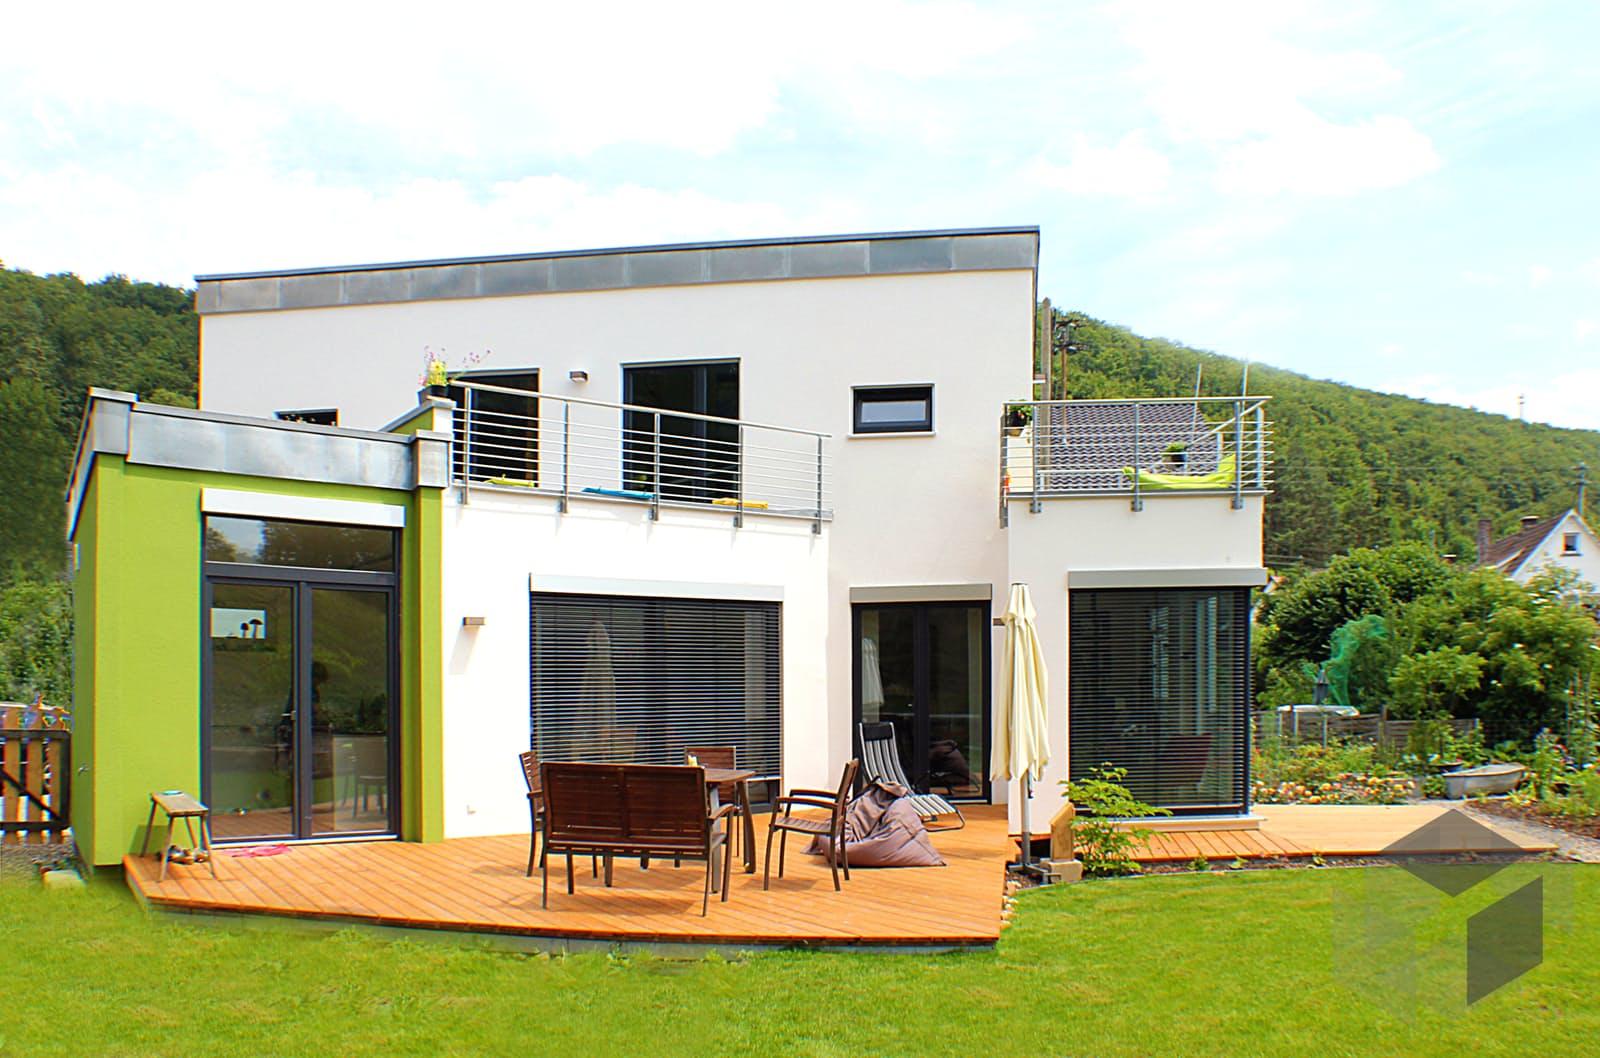 homestory 101 von lehner haus komplette daten bersicht. Black Bedroom Furniture Sets. Home Design Ideas